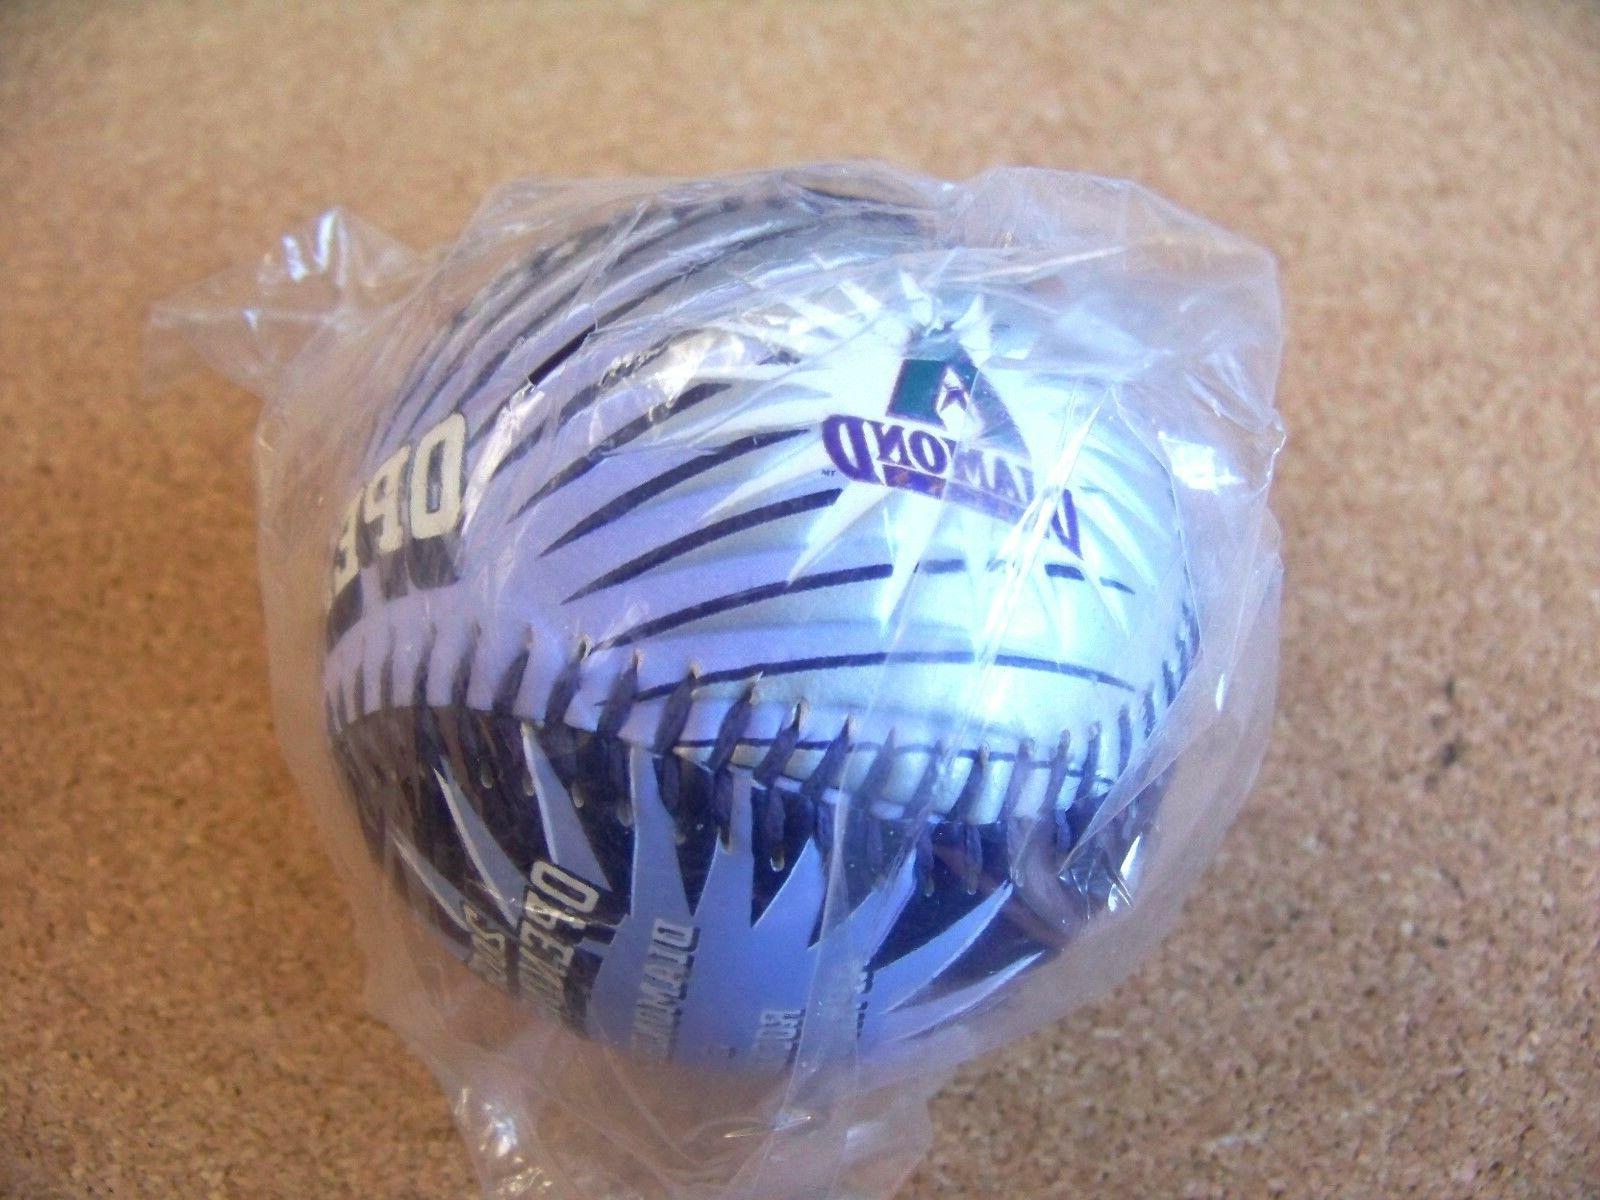 2006 Colorado Rockies ball